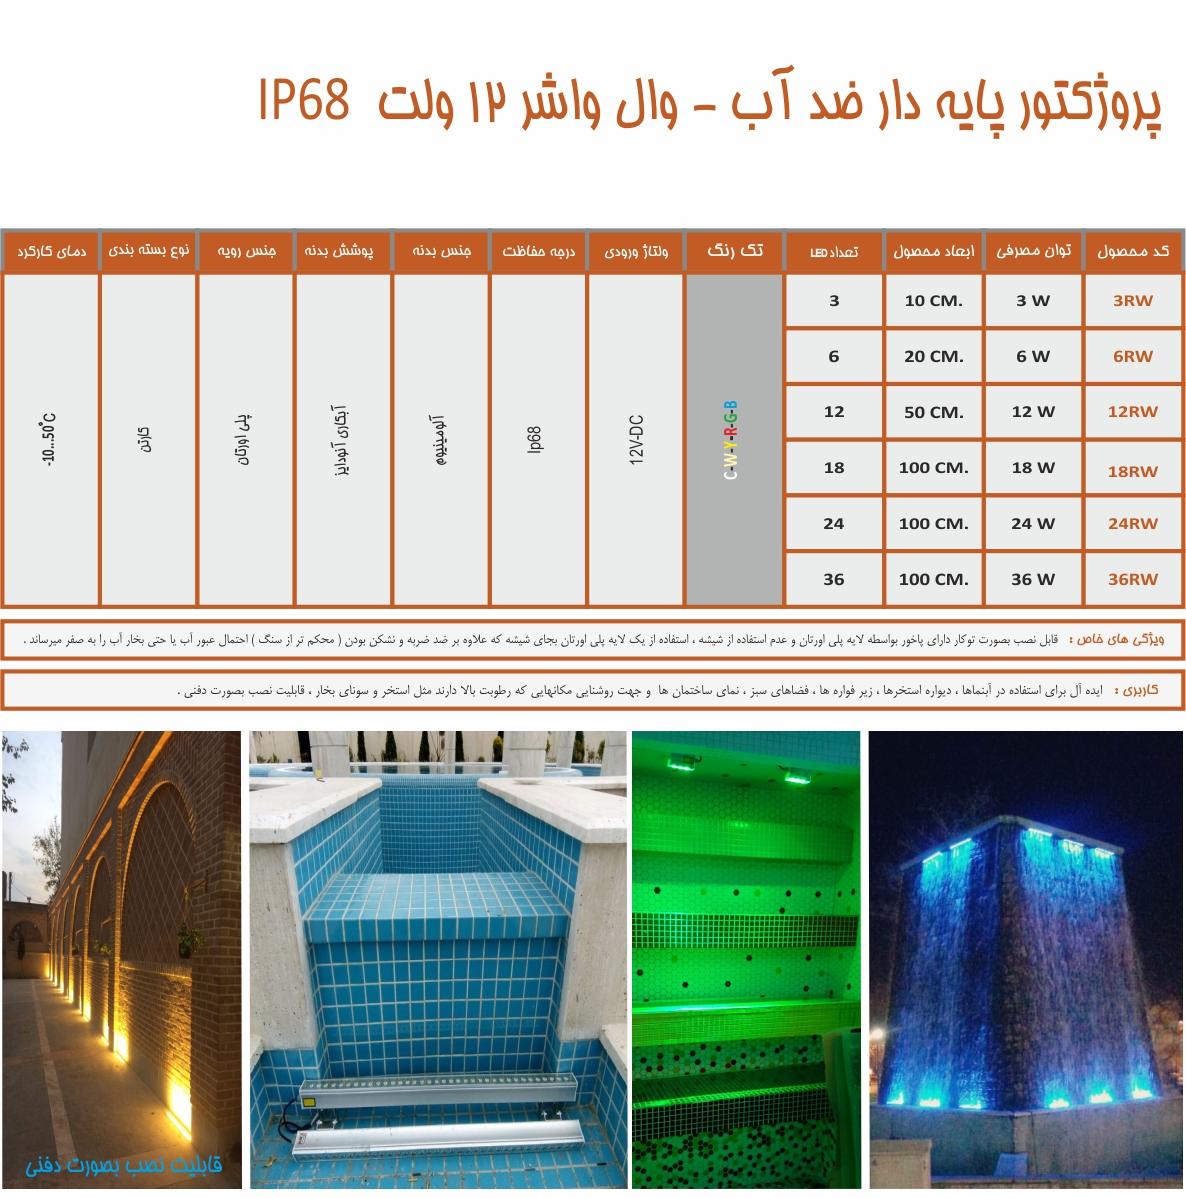 تصویر از پروژکتور وال واشر ضد آب تک رنگ 12 ولت 12 وات ( 50 سانتیمتر )